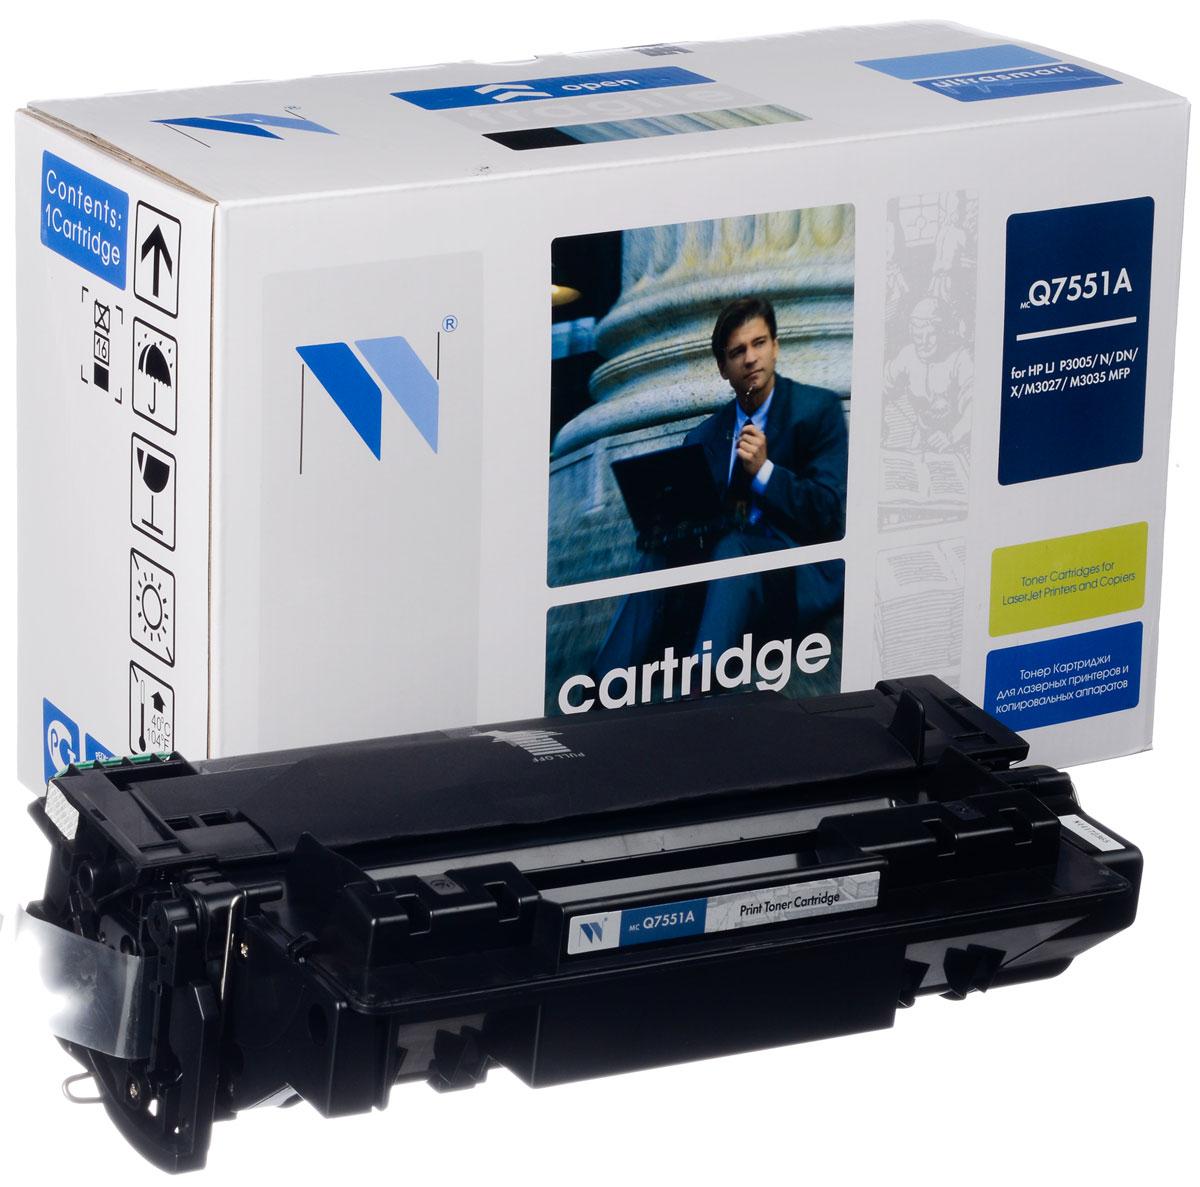 NV Print Q7551A, Black тонер-картридж для HP LaserJet P3005/M3027mpf/M3035mpfNV-Q7551AСовместимый лазерный картридж NV Print Q7551A для печатающих устройств HP - это альтернатива приобретению оригинальных расходных материалов. При этом качество печати остается высоким. Картридж обеспечивает повышенную чёткость чёрного текста и плавность переходов оттенков серого цвета и полутонов, позволяет отображать мельчайшие детали изображения. Лазерные принтеры, копировальные аппараты и МФУ являются более выгодными в печати, чем струйные устройства, так как лазерных картриджей хватает на значительно большее количество отпечатков, чем обычных. Для печати в данном случае используются не чернила, а тонер.